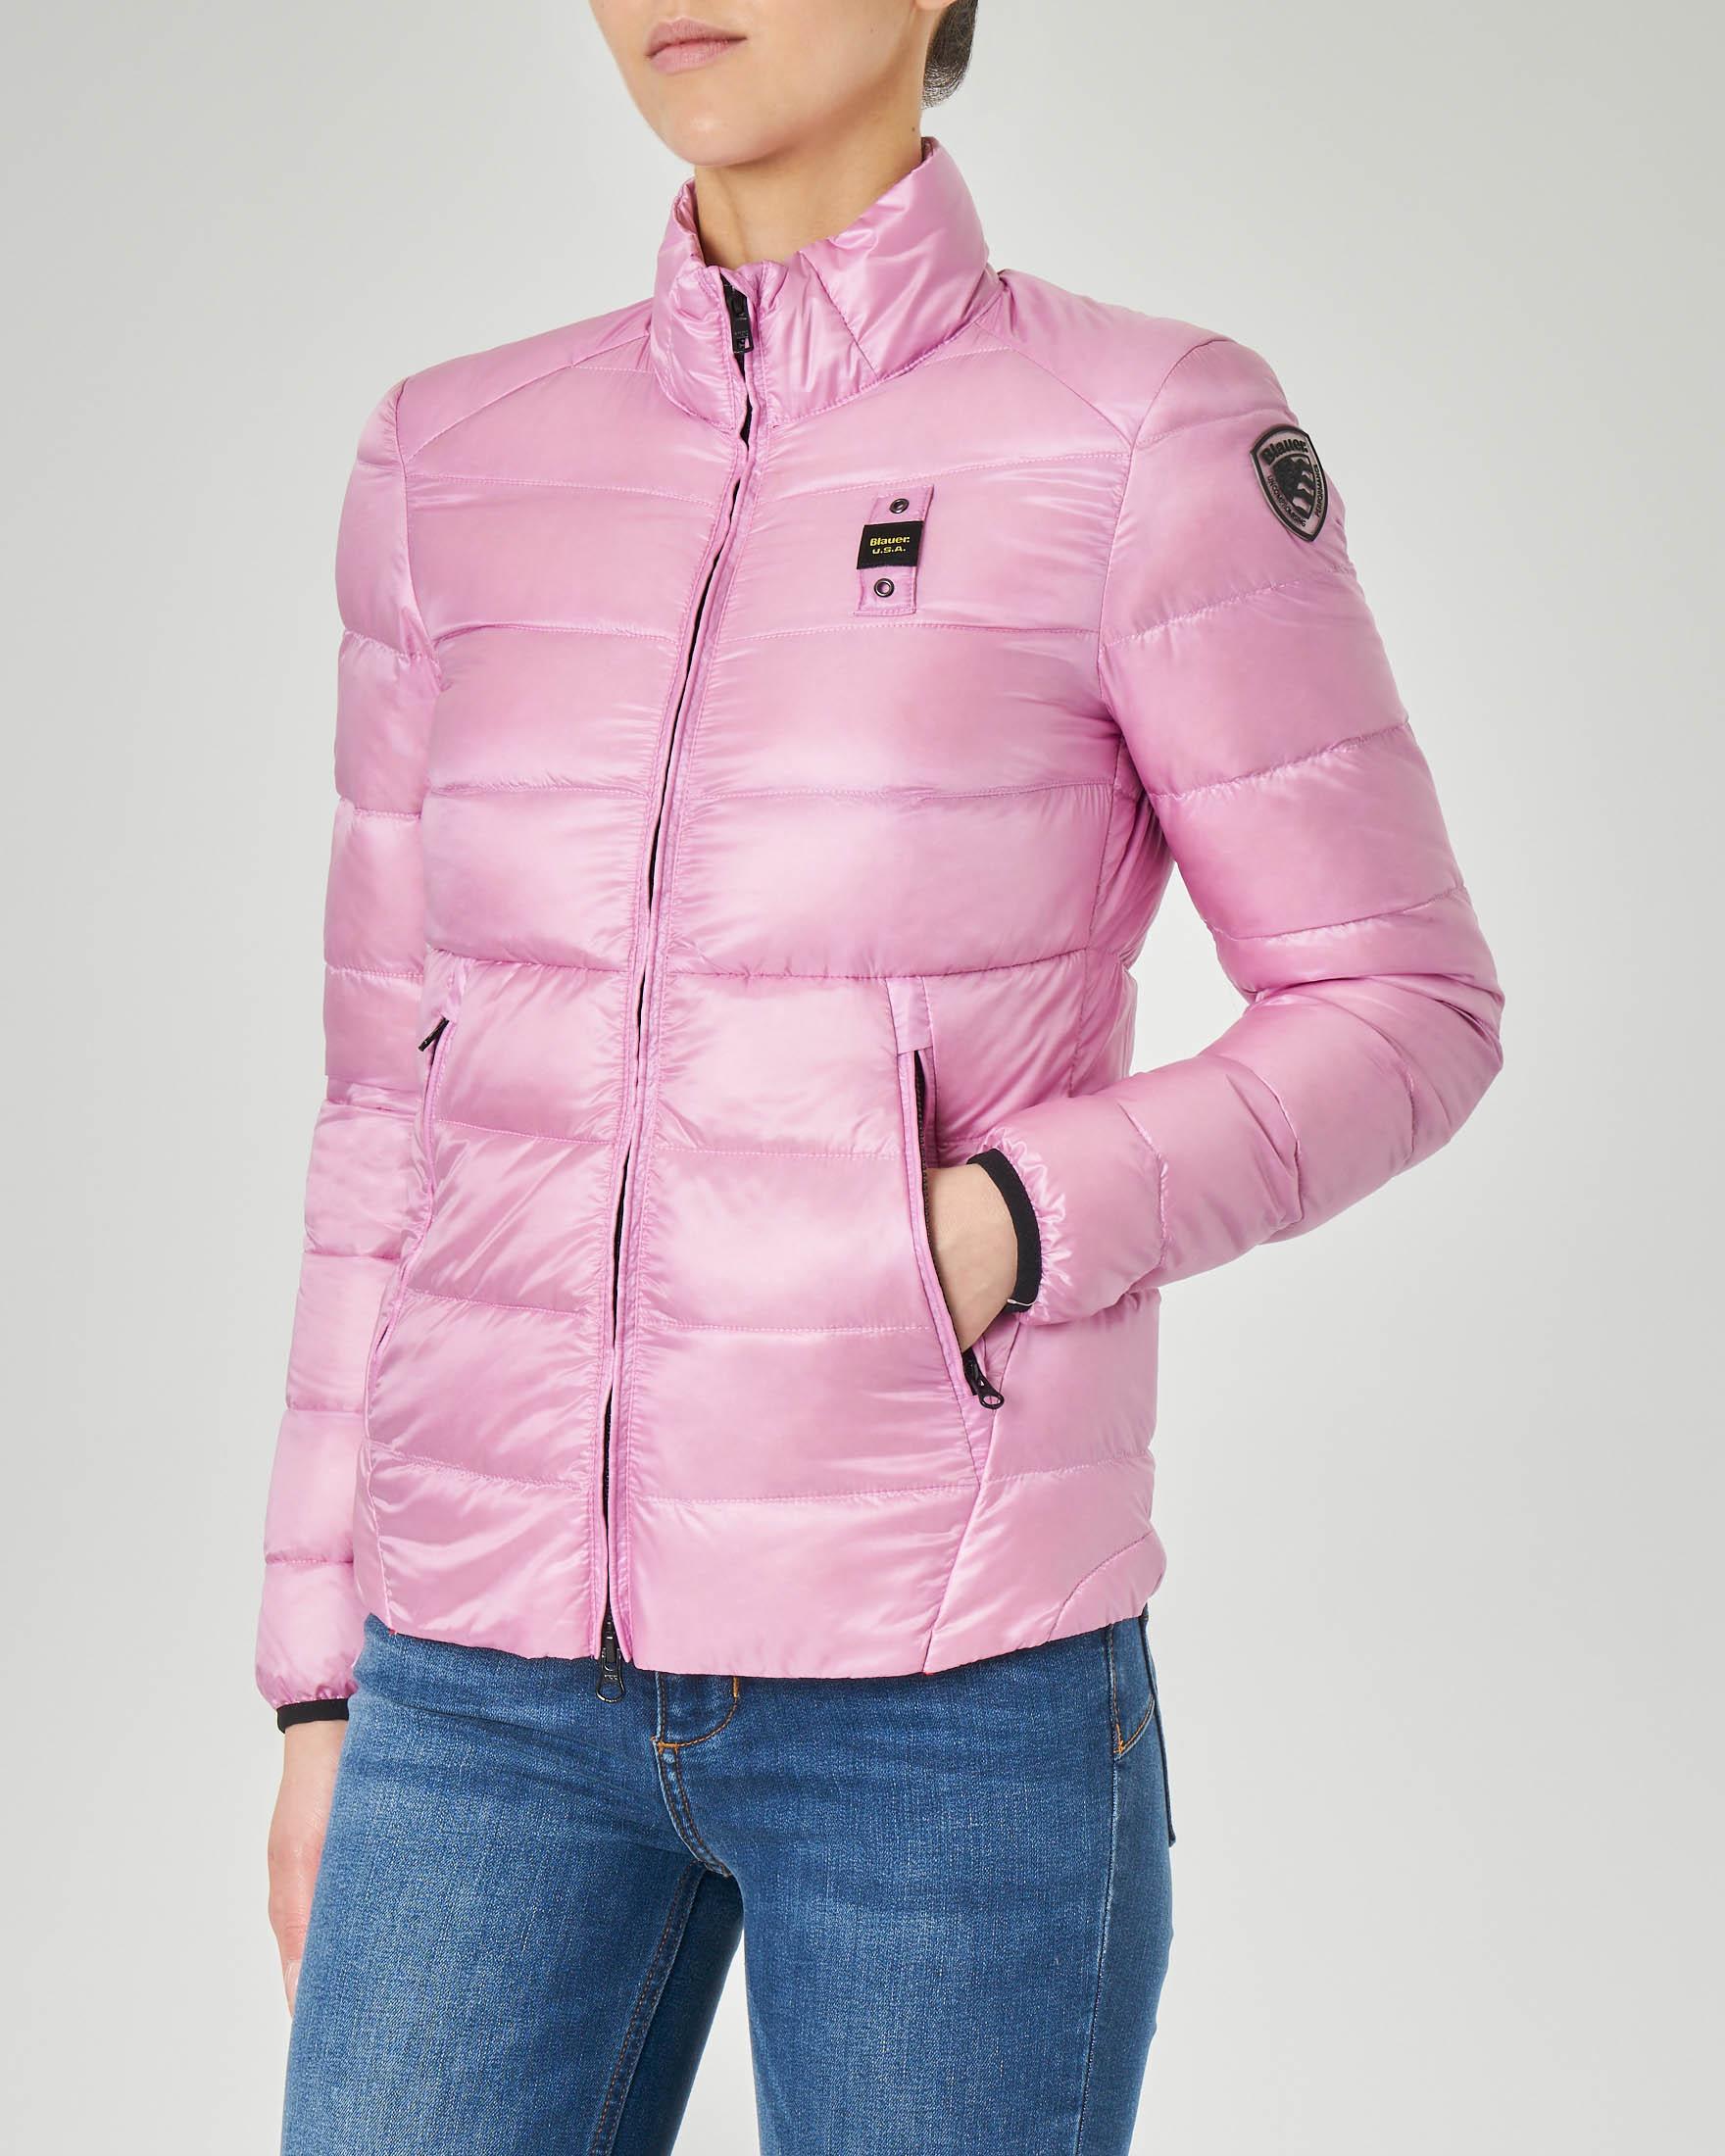 Piumino leggero rosa con imbottitura orizzontale e collo alto